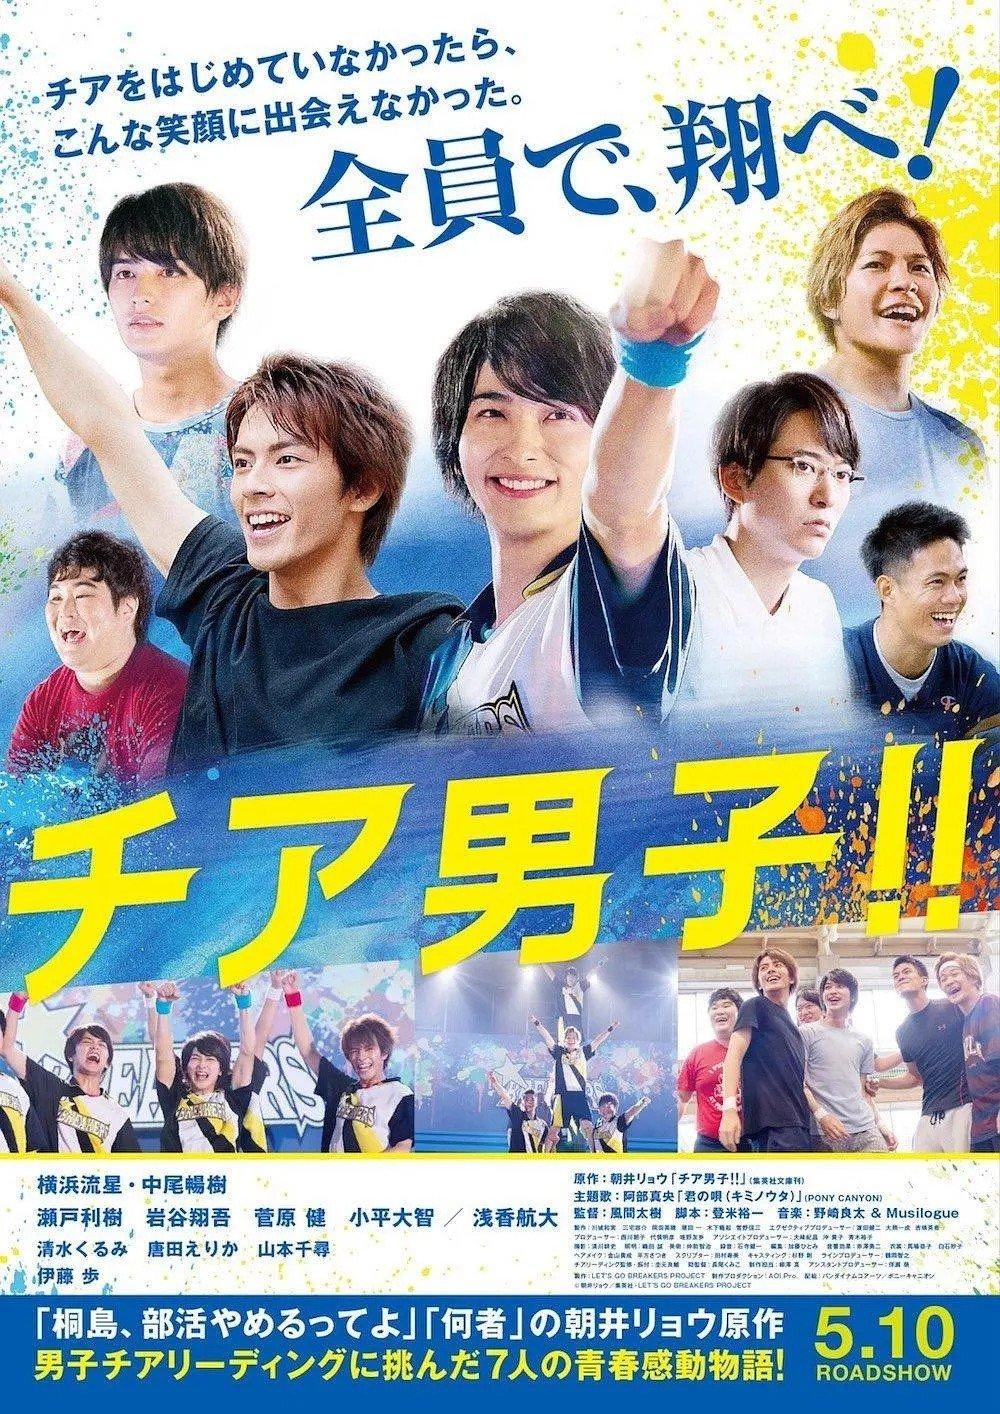 2019 日本《男子啦啦隊》我們一起挑戰好玩的事吧!